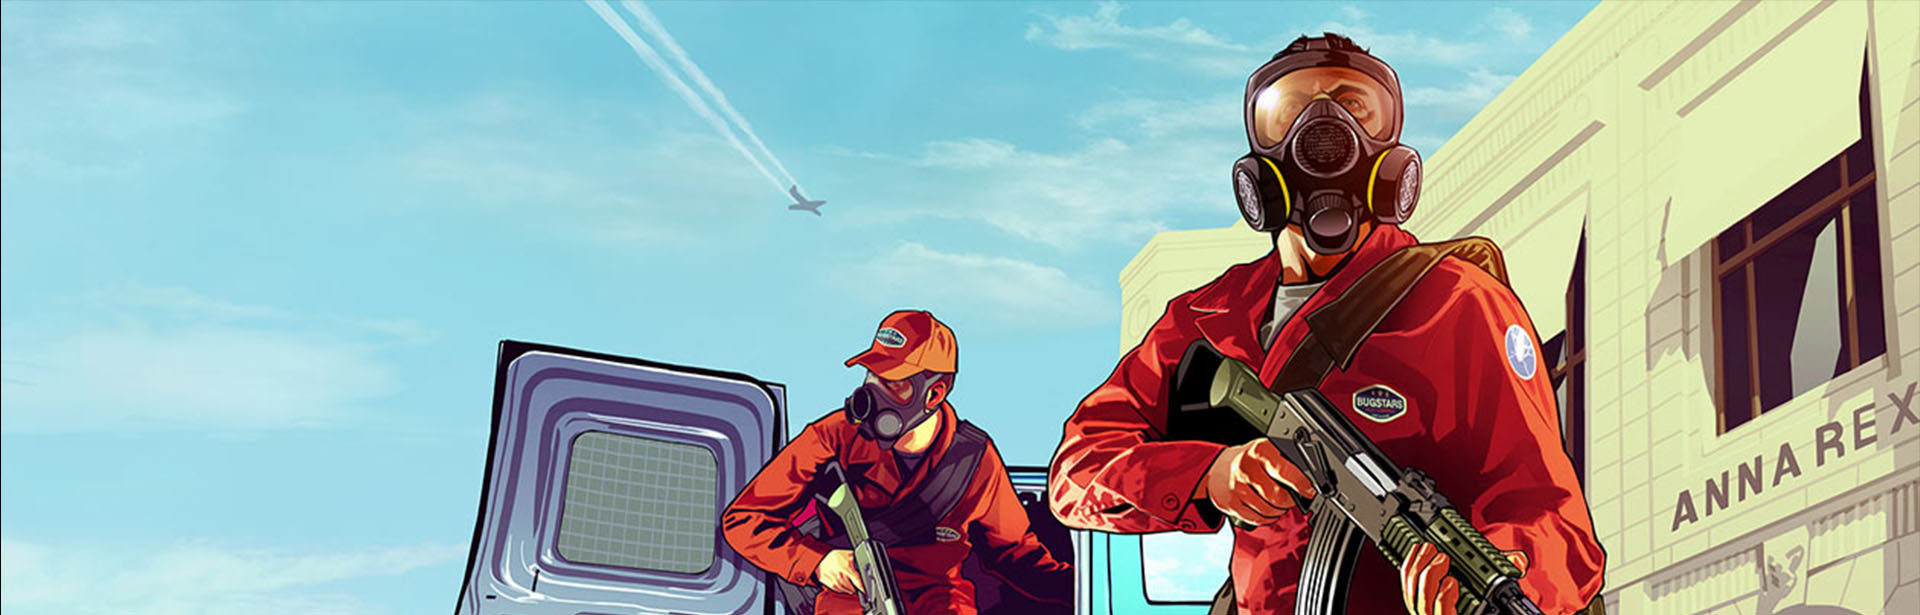 Grand Theft Auto V Game Guide header